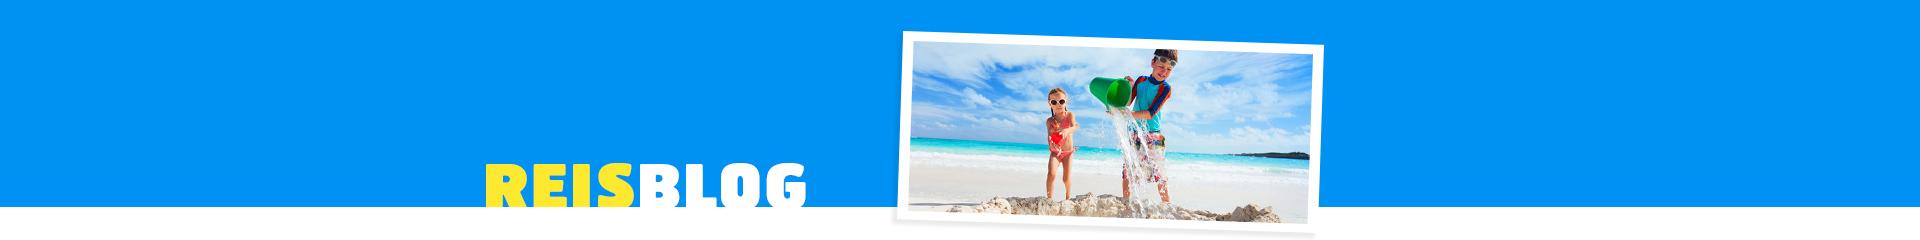 Kinderen spelen met het water op een wit strand. Mooi uitzicht op met helder blauw water.